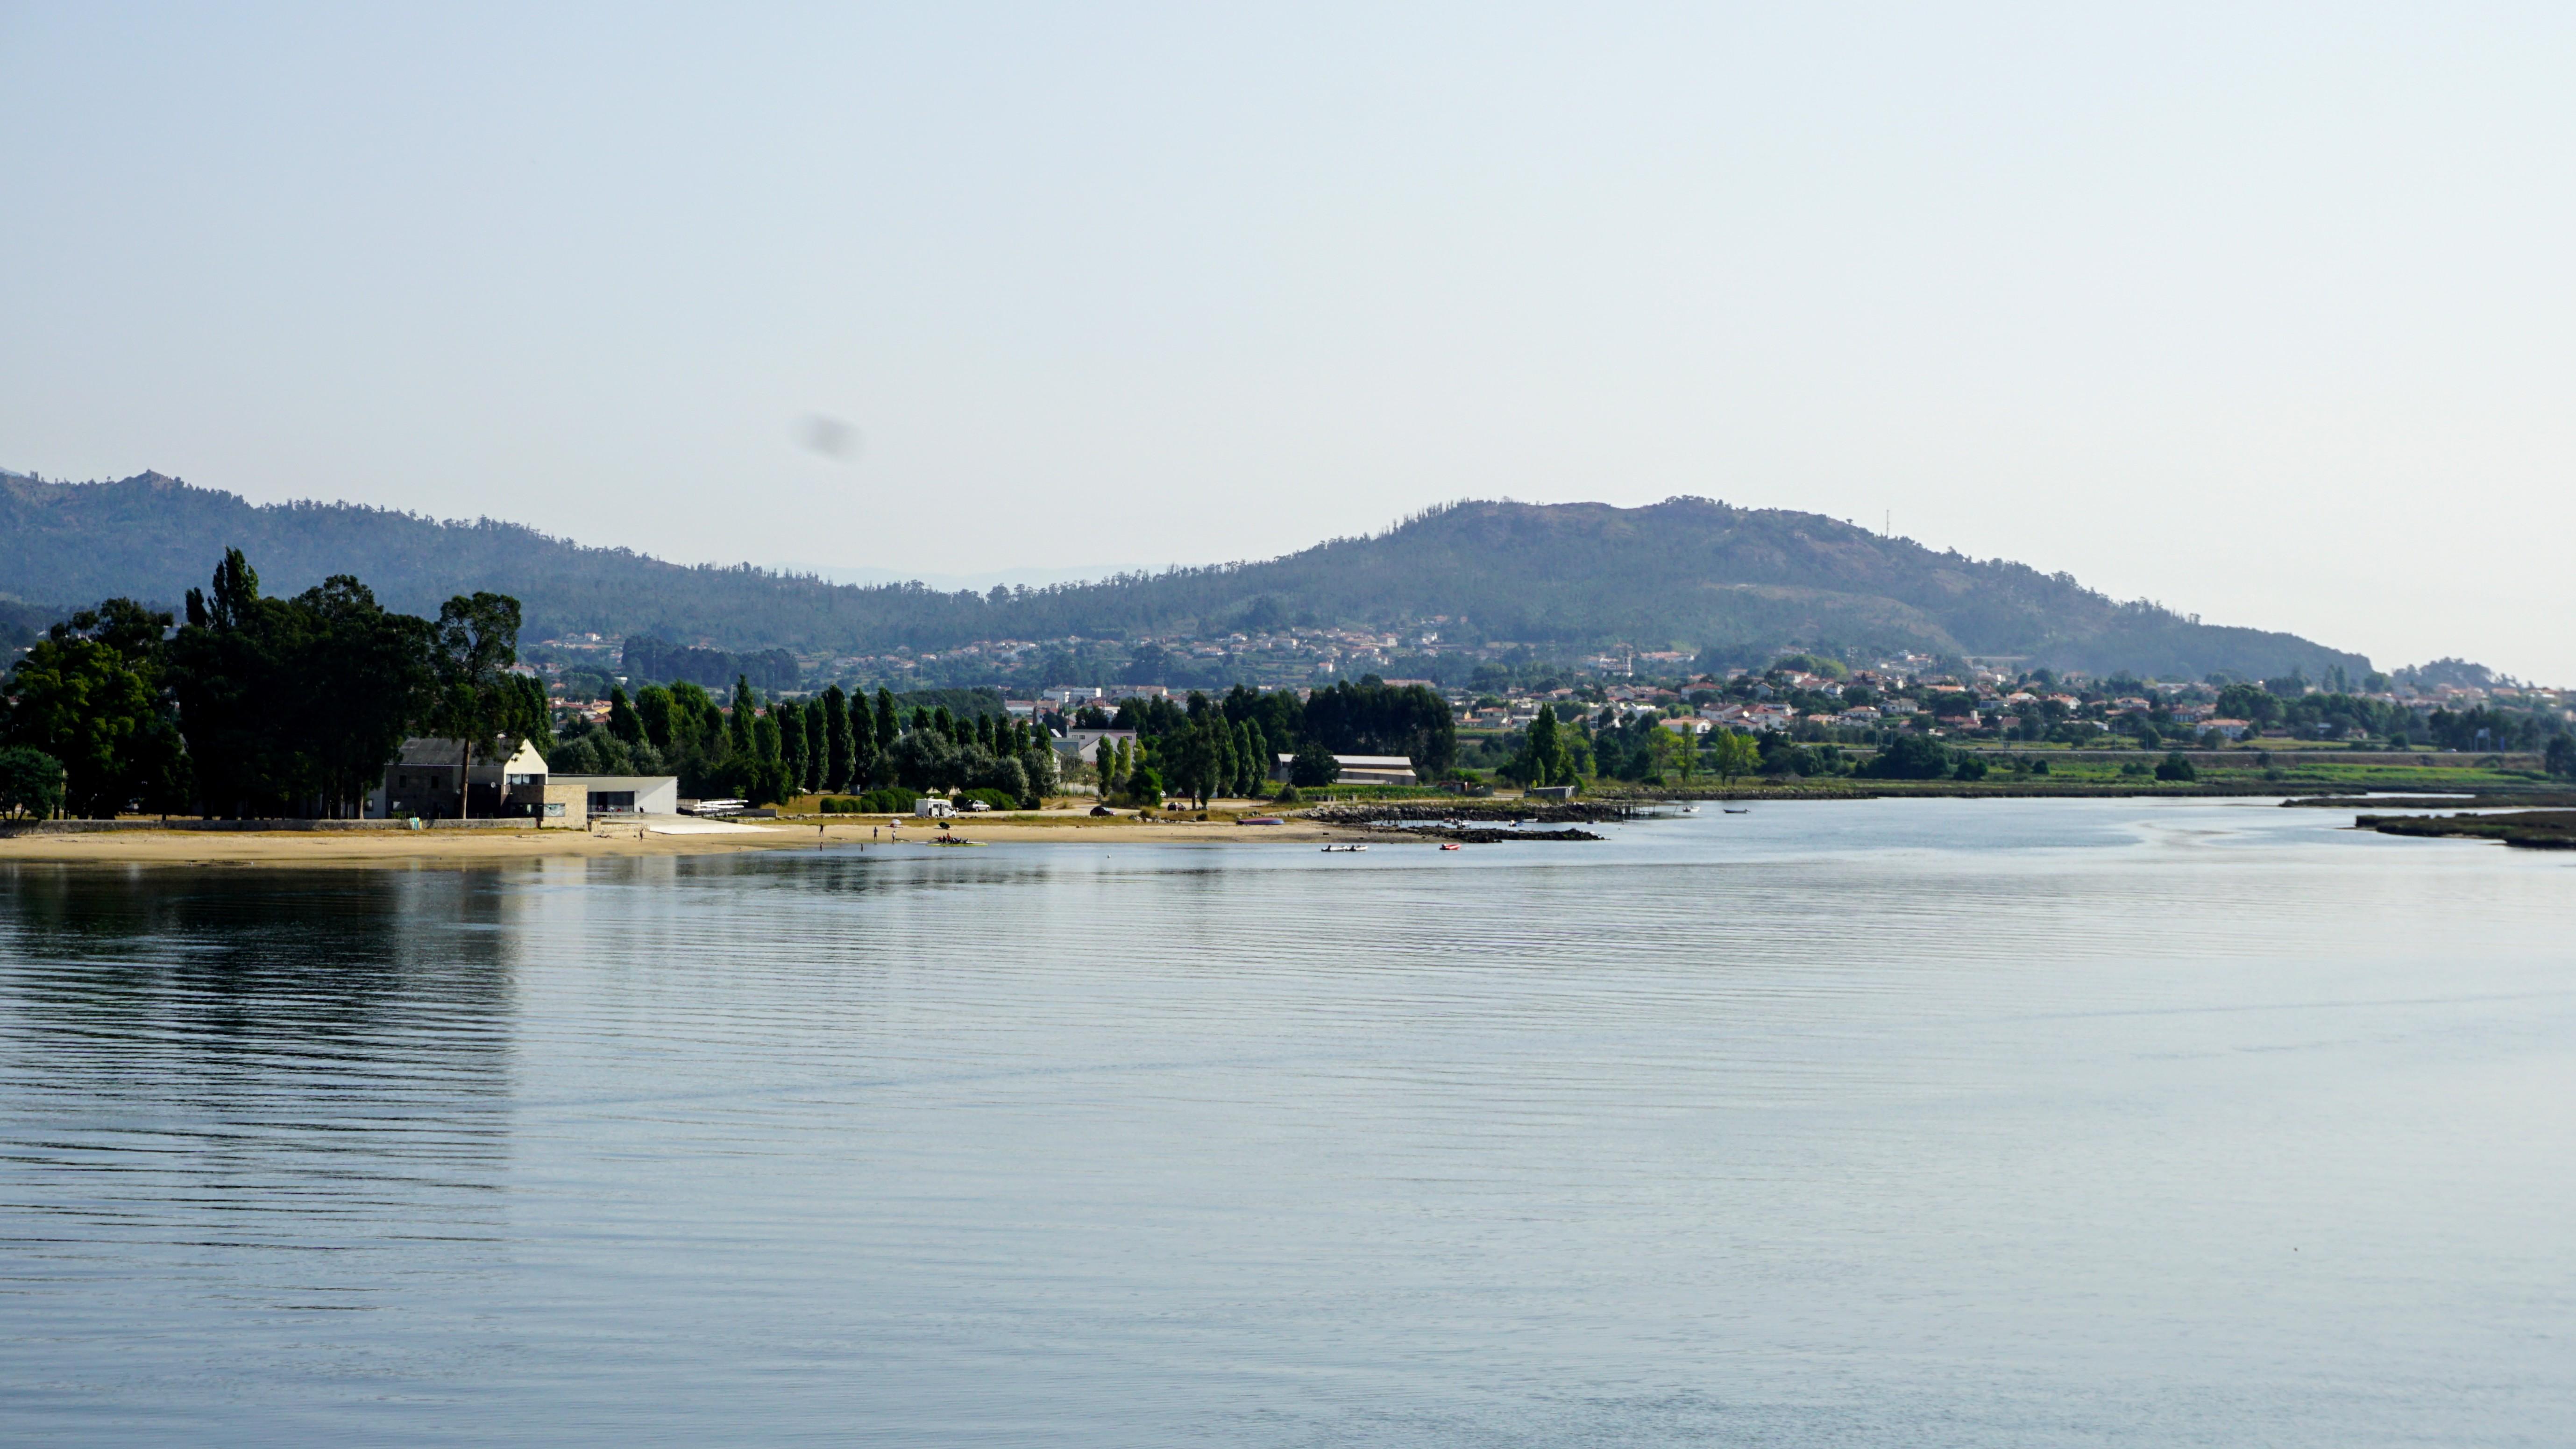 Португальский путь Святого Иакова: Виана-ду-Каштелу и река Лима